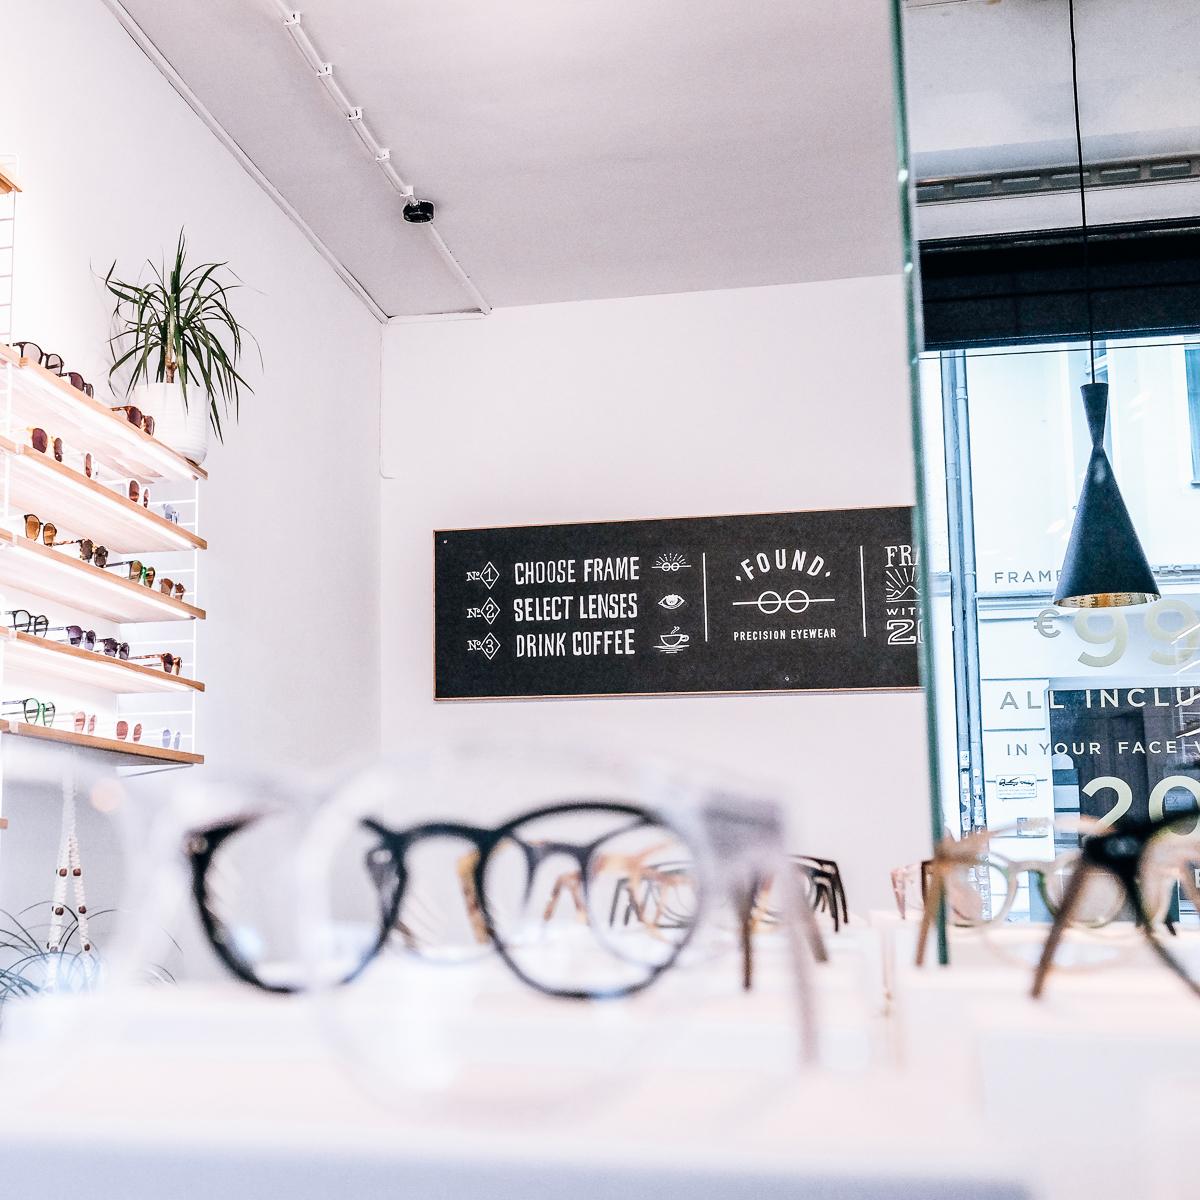 Found Precision Eyewear Berlin Mitte